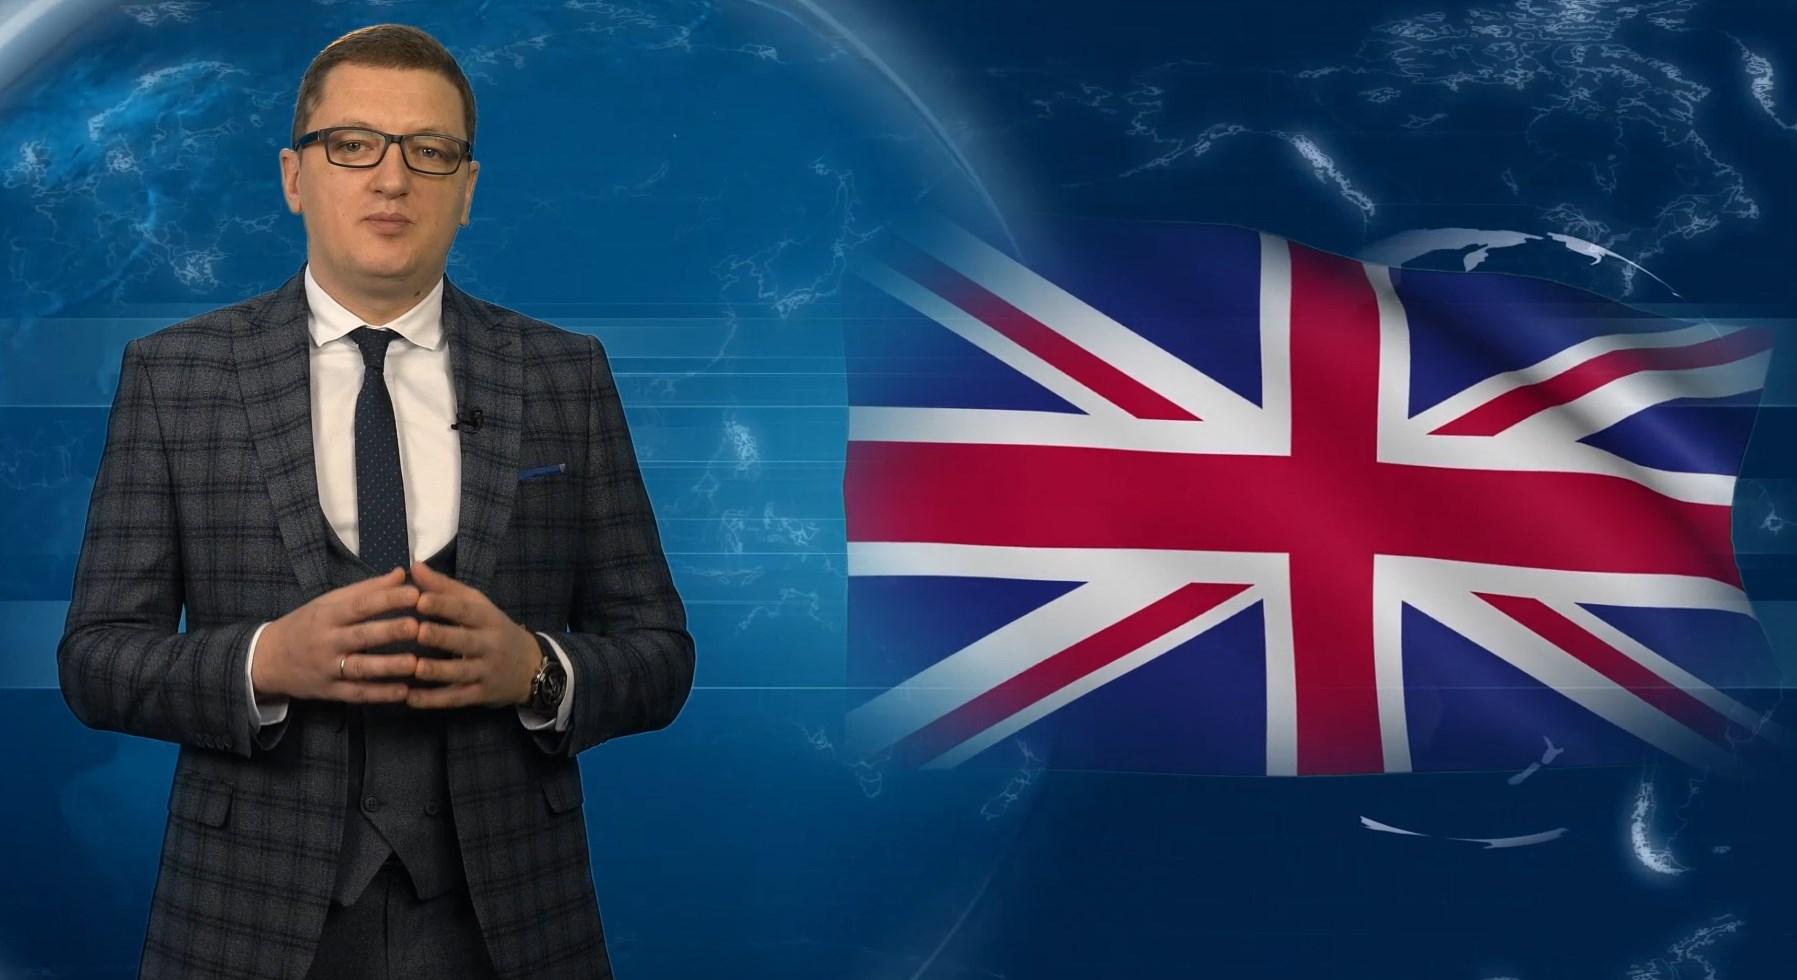 Market Discussion, 21 жовтня: Британський фунт б'є рекорди з приросту до долара США